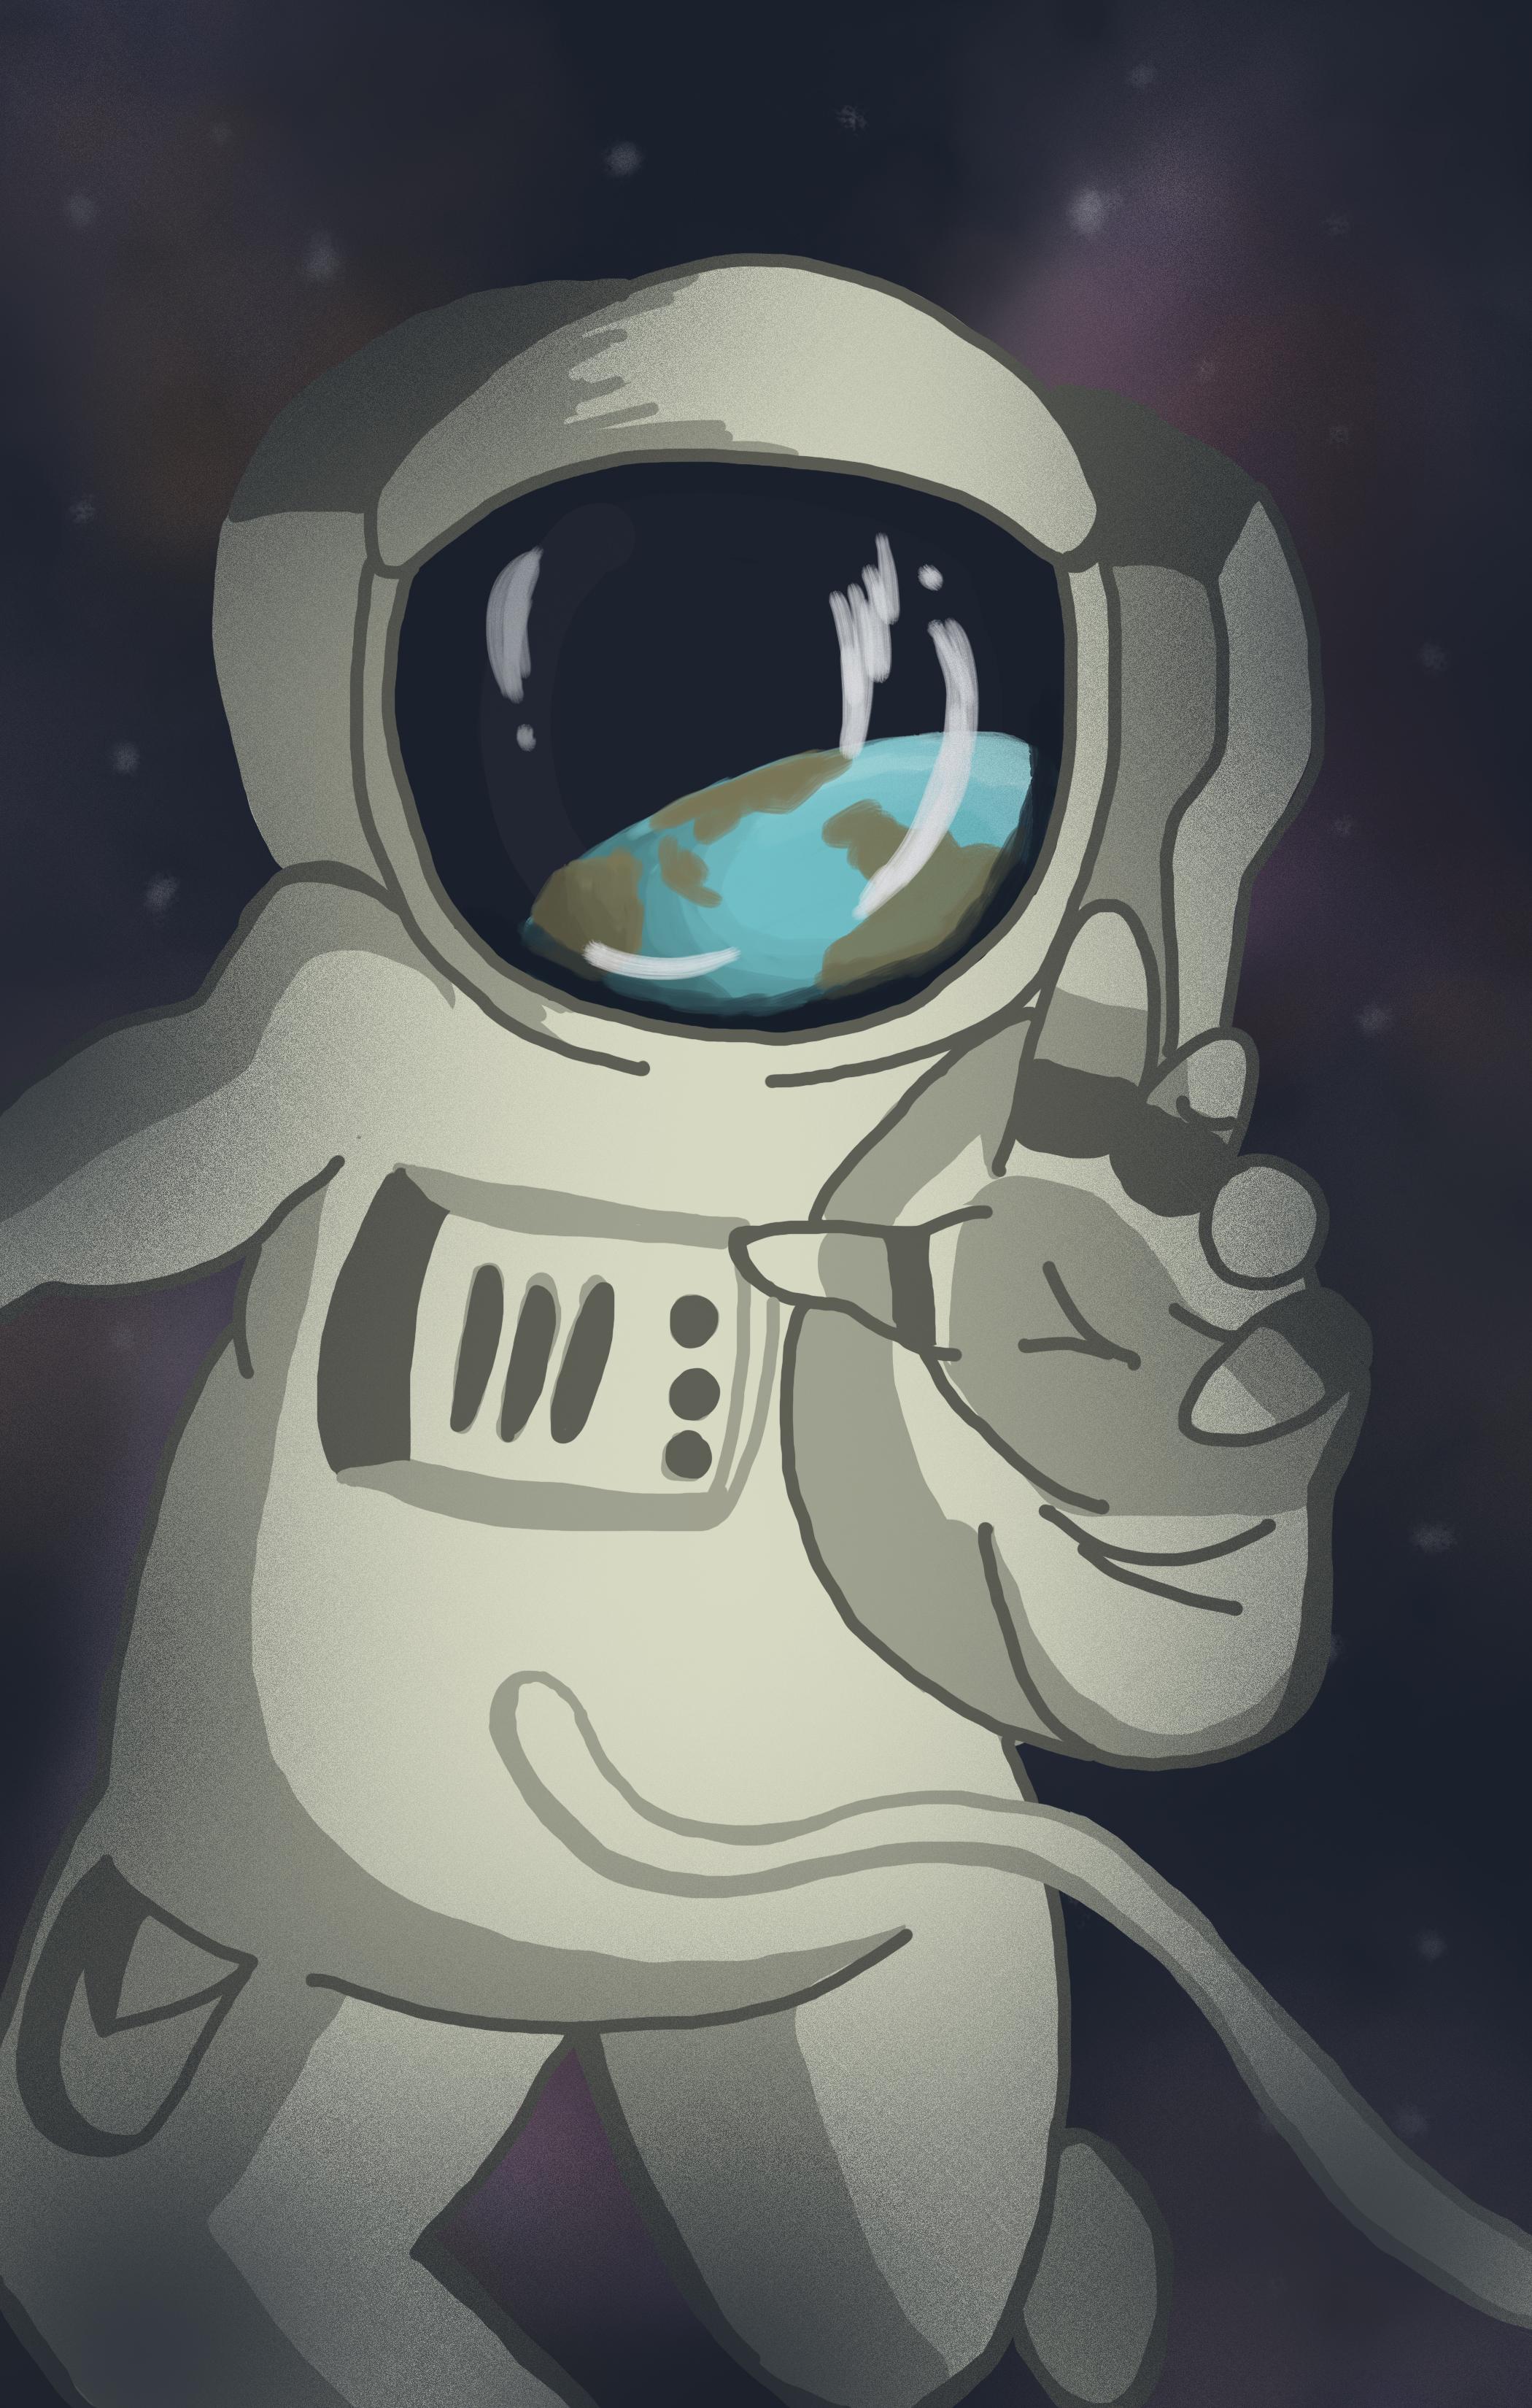 AstronautGraphic